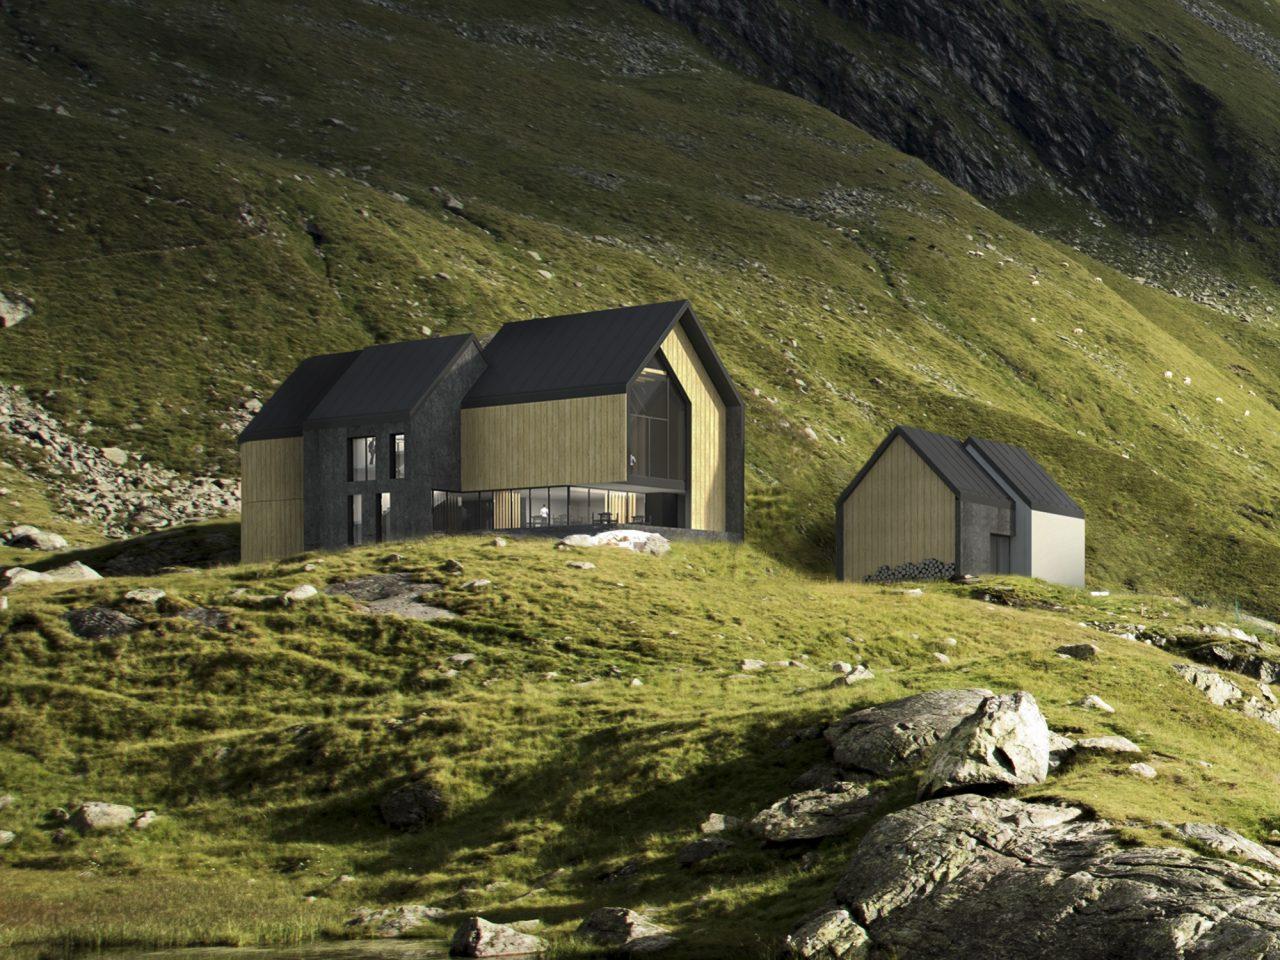 Projekt koncepcyjny schroniska górskiego w okolicy miejscowości Soča (Alpy Julijskie). Pracownia projektowa - pracownia14 - Rzeszów.